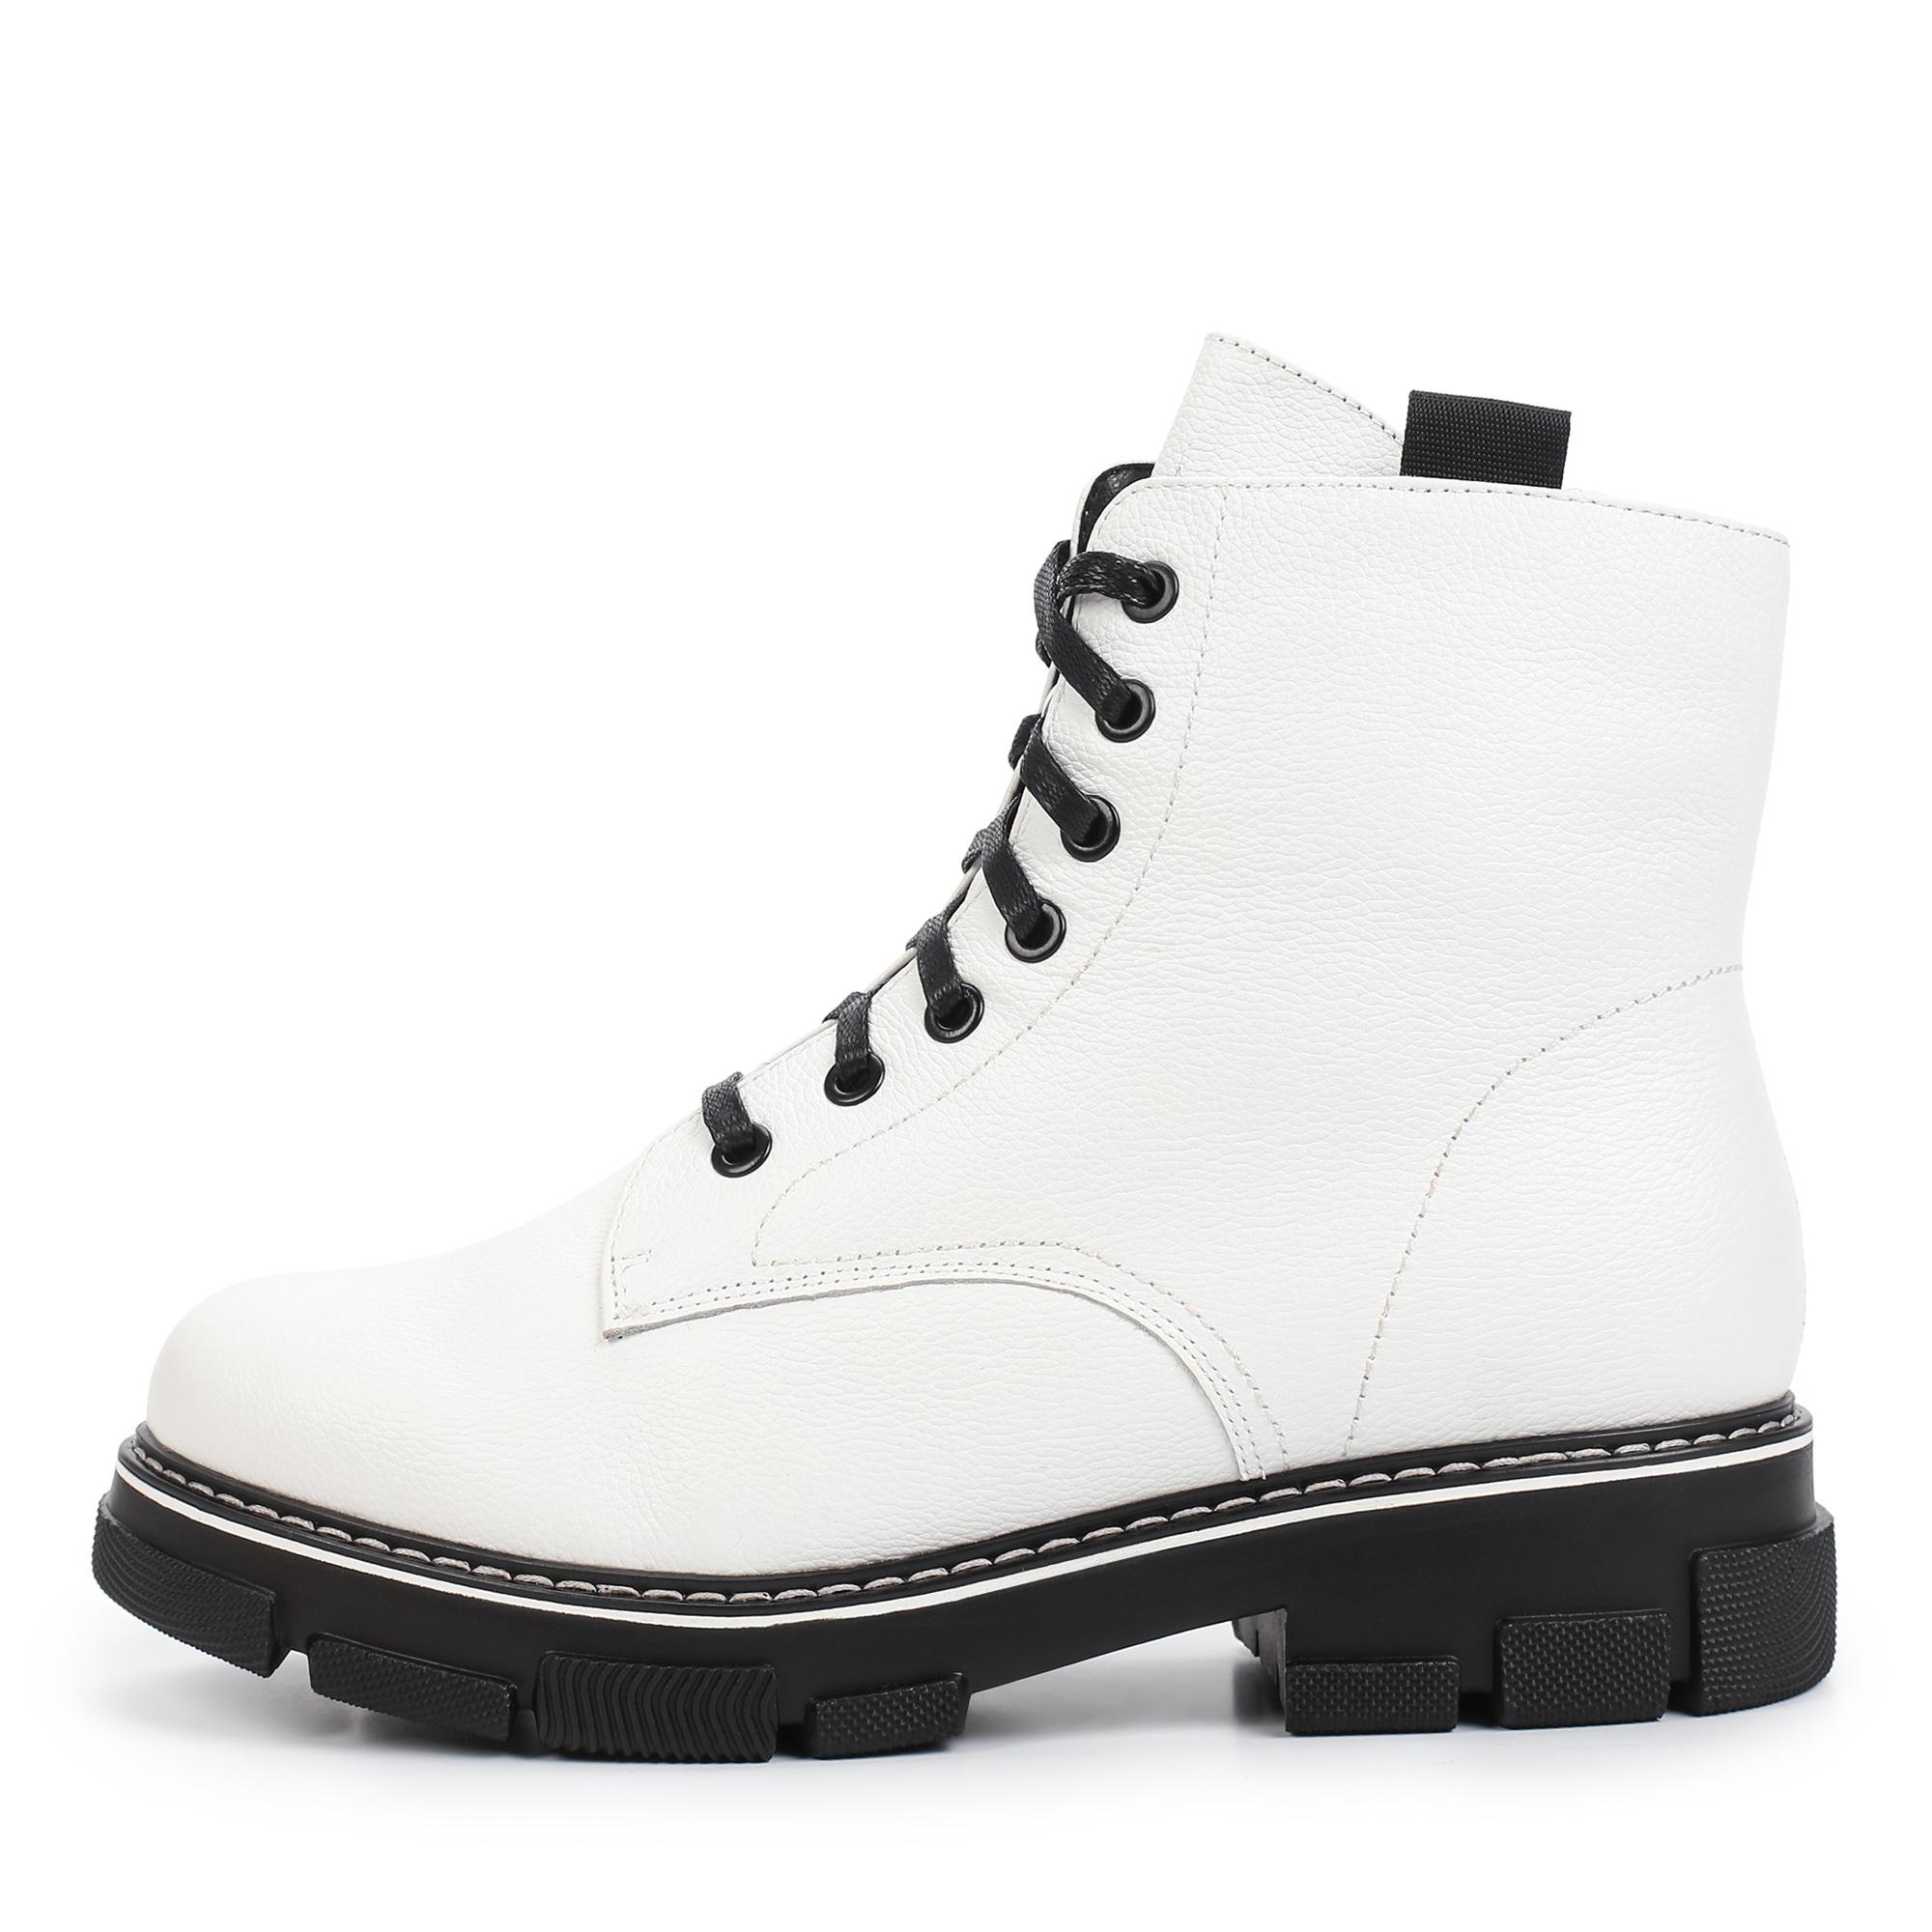 Ботинки Thomas Munz 080-336B-3101